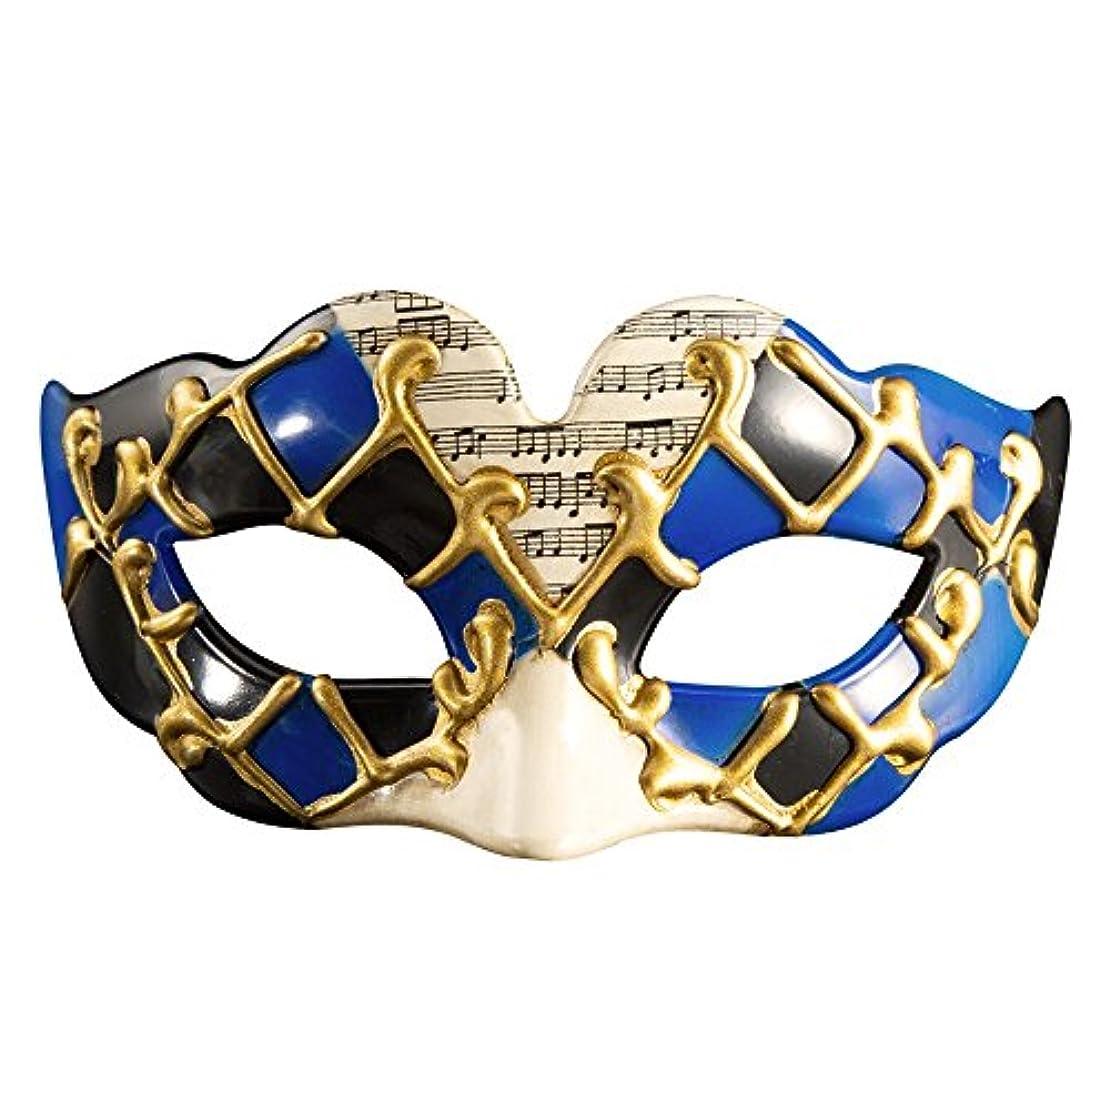 プロット乞食ナプキンクリエイティブキッズハーフフェイスハロウィンマスクパーティー新しいファンシードレスボールマスク (Color : #2)